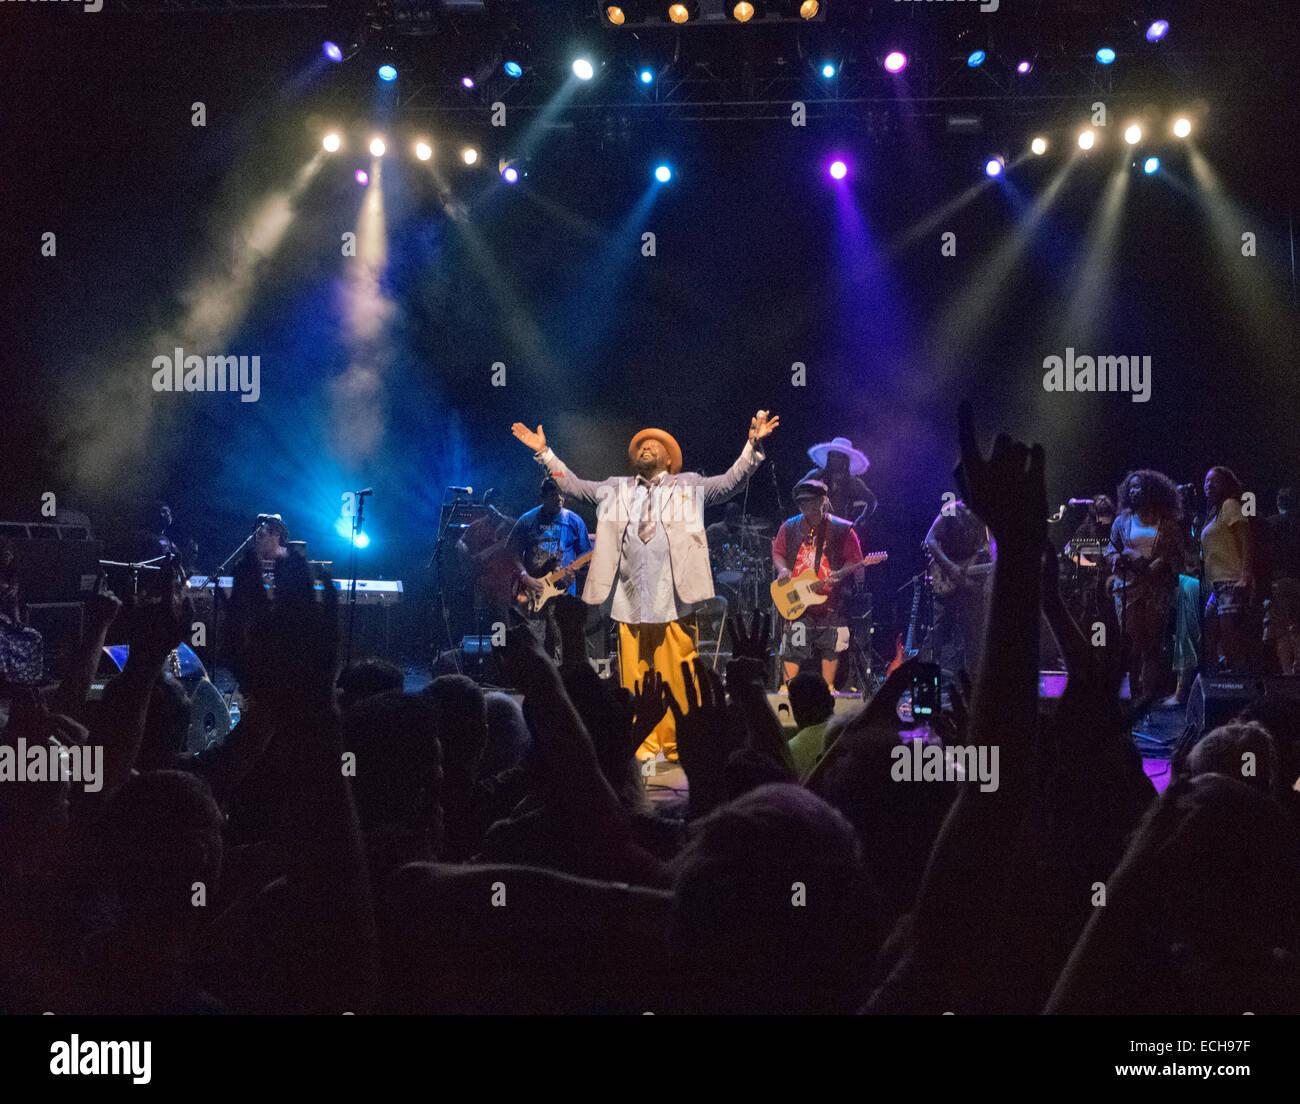 George Clinton performing live in London REGNO UNITO Immagini Stock